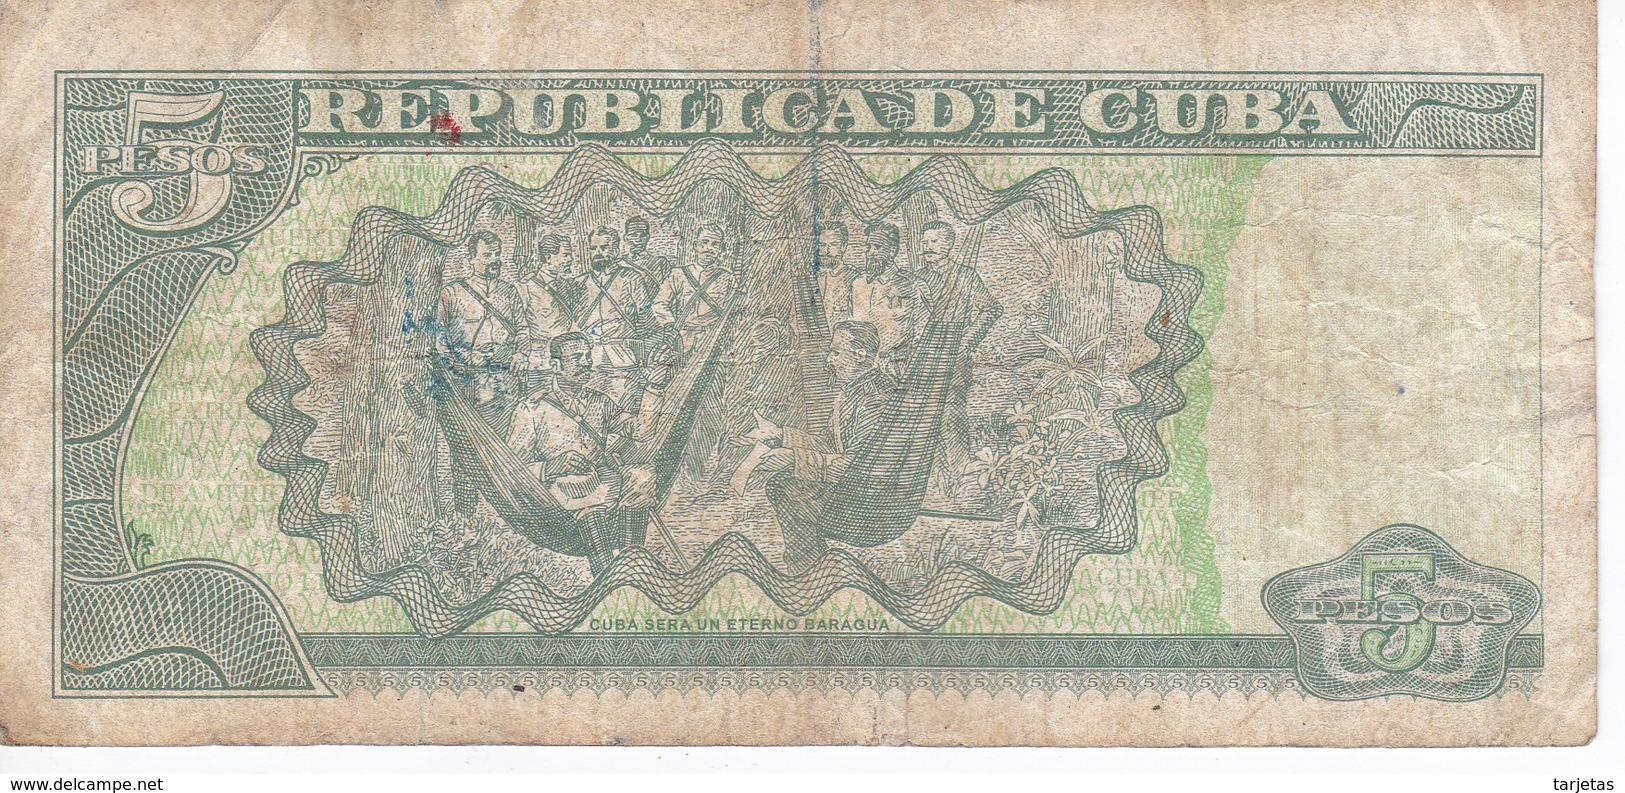 BILLETE DE CUBA DE 5 PESOS DEL AÑO 2014 DE ANTONIO MACEO  (BANKNOTE) - Cuba